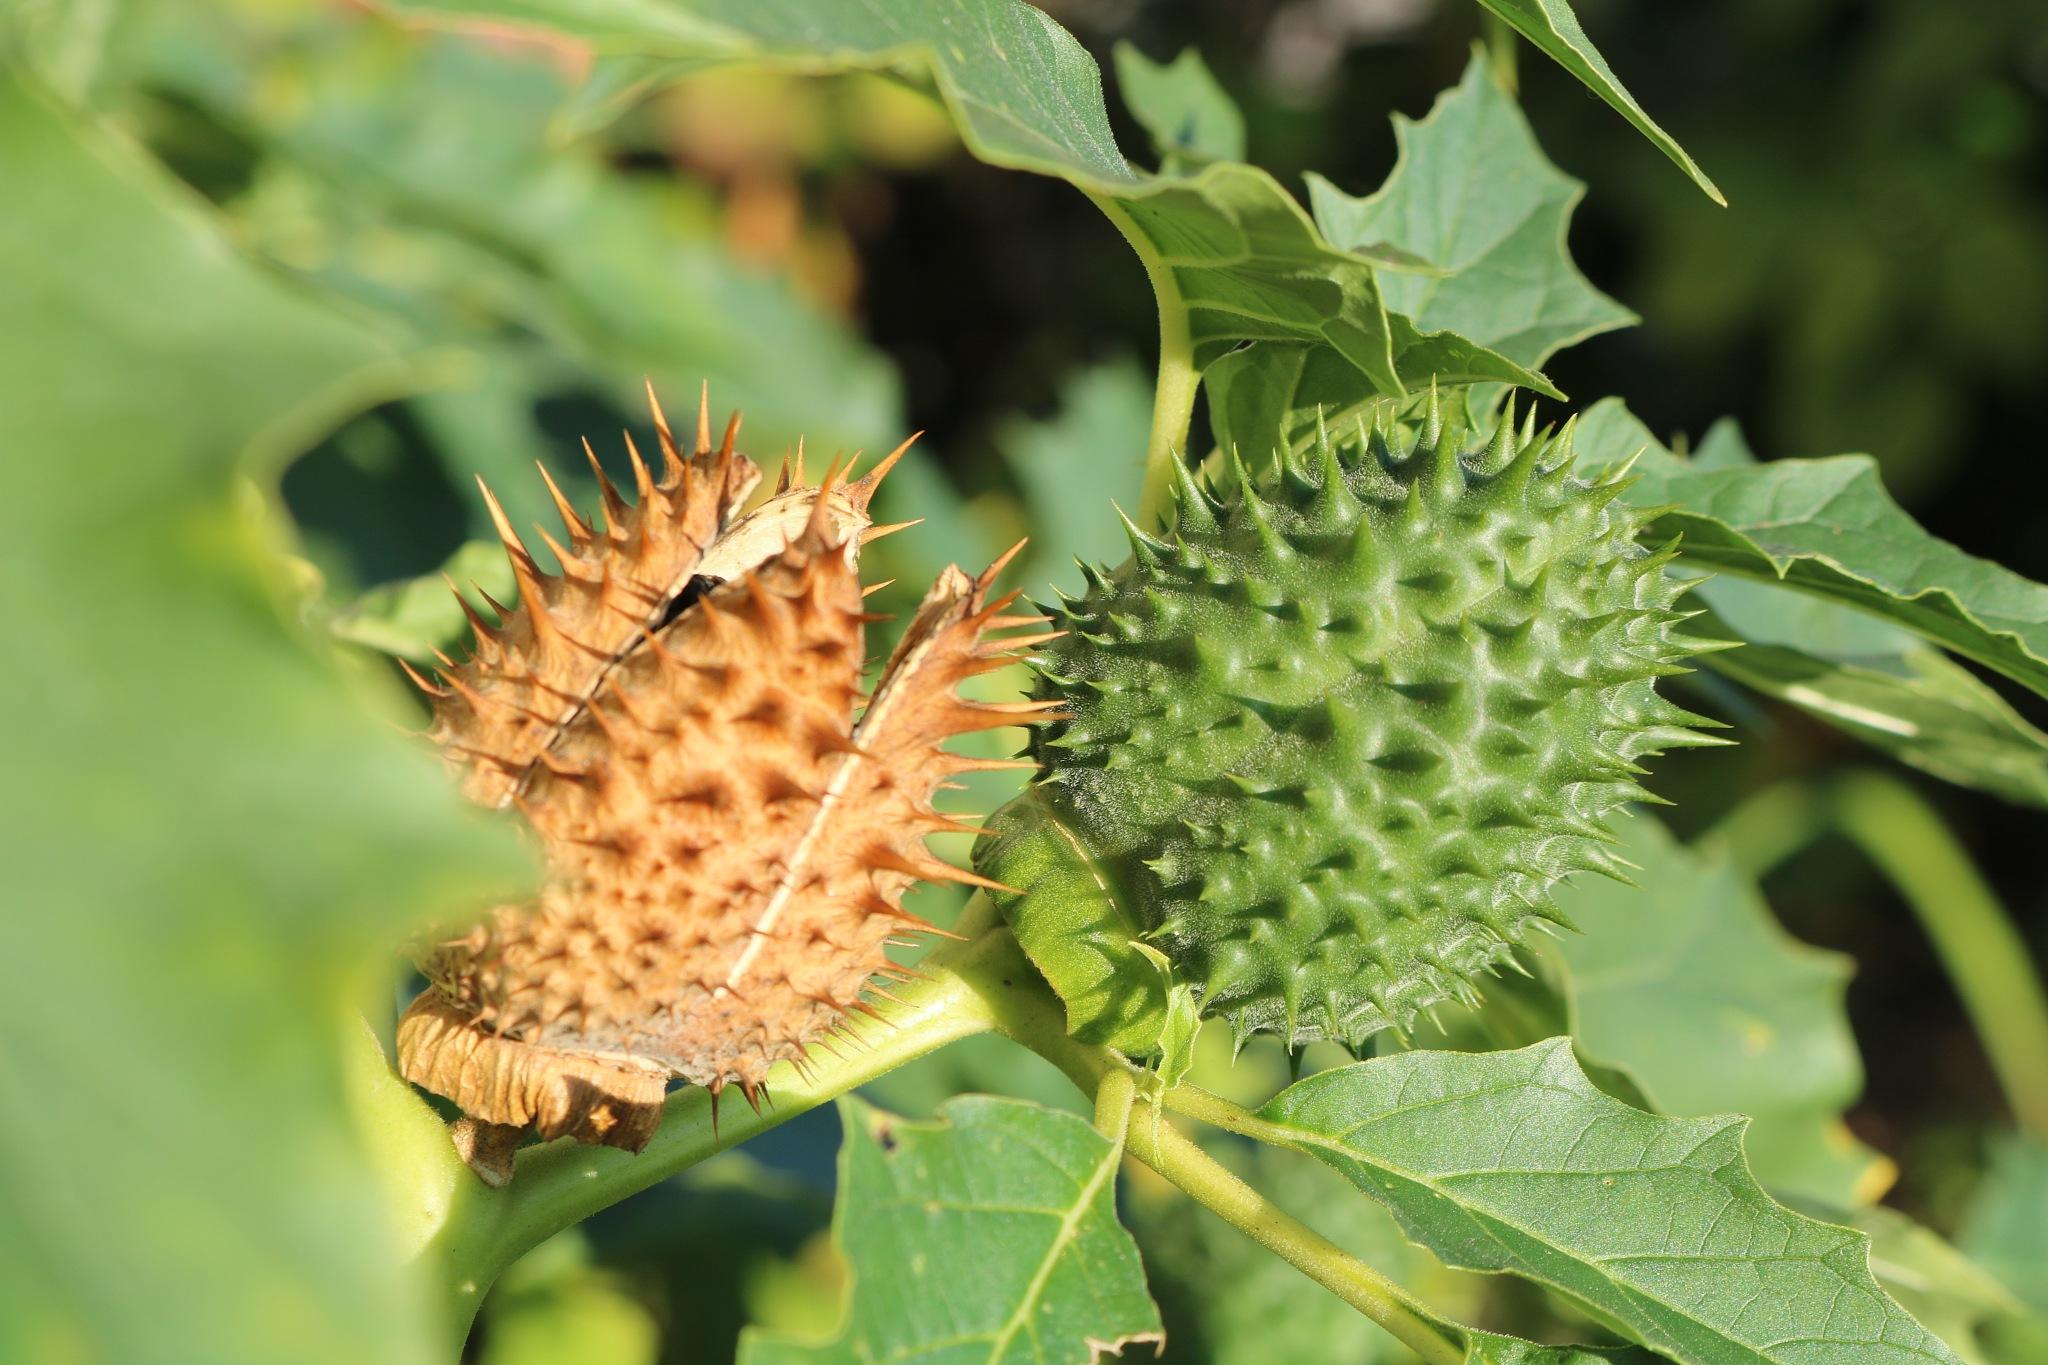 plant by zvnktomasevic